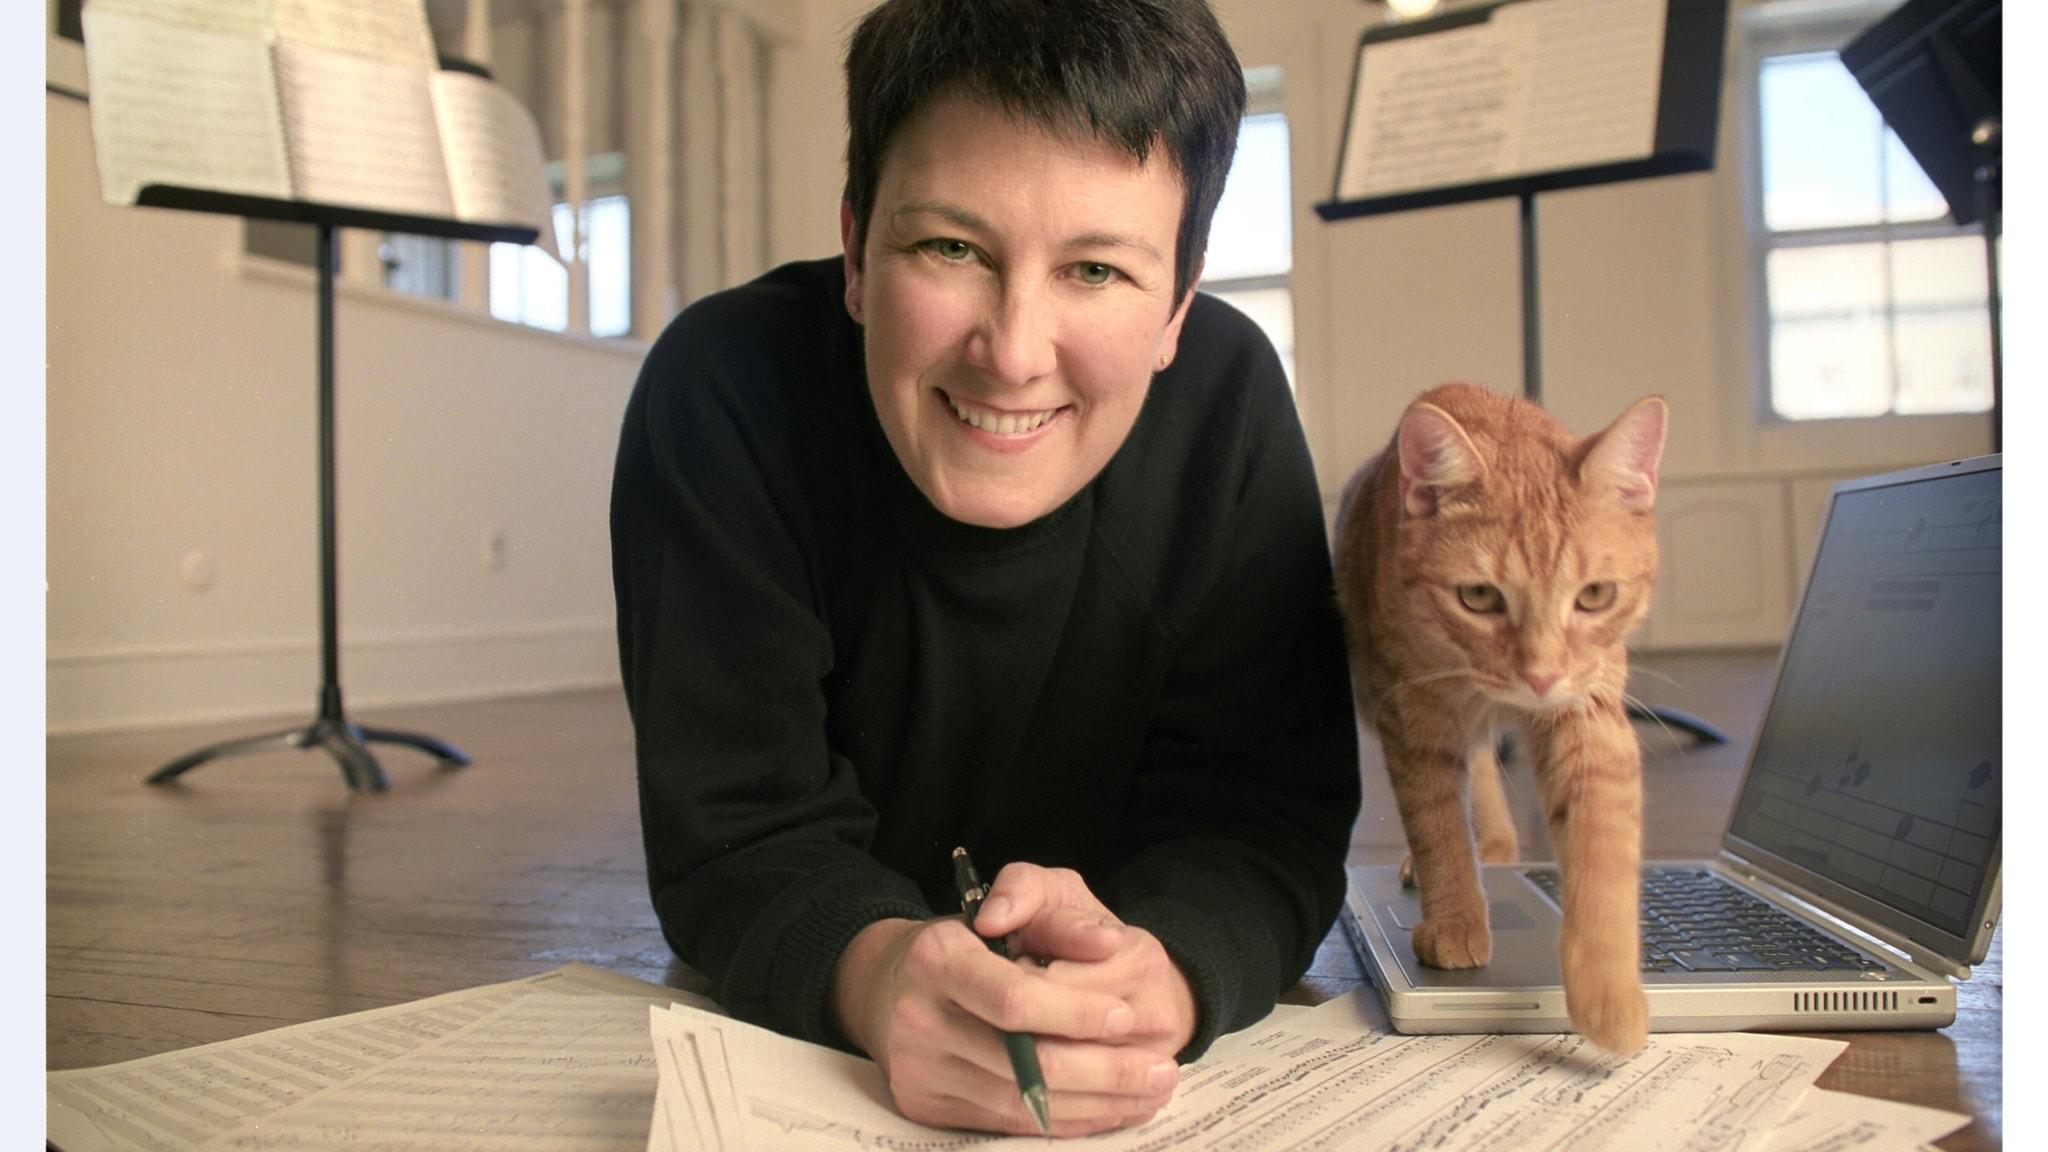 Jennifer Higdon - en av USA's främsta tonsättare - vill vara stöd och förebild för unga lesbiska kvinnor.